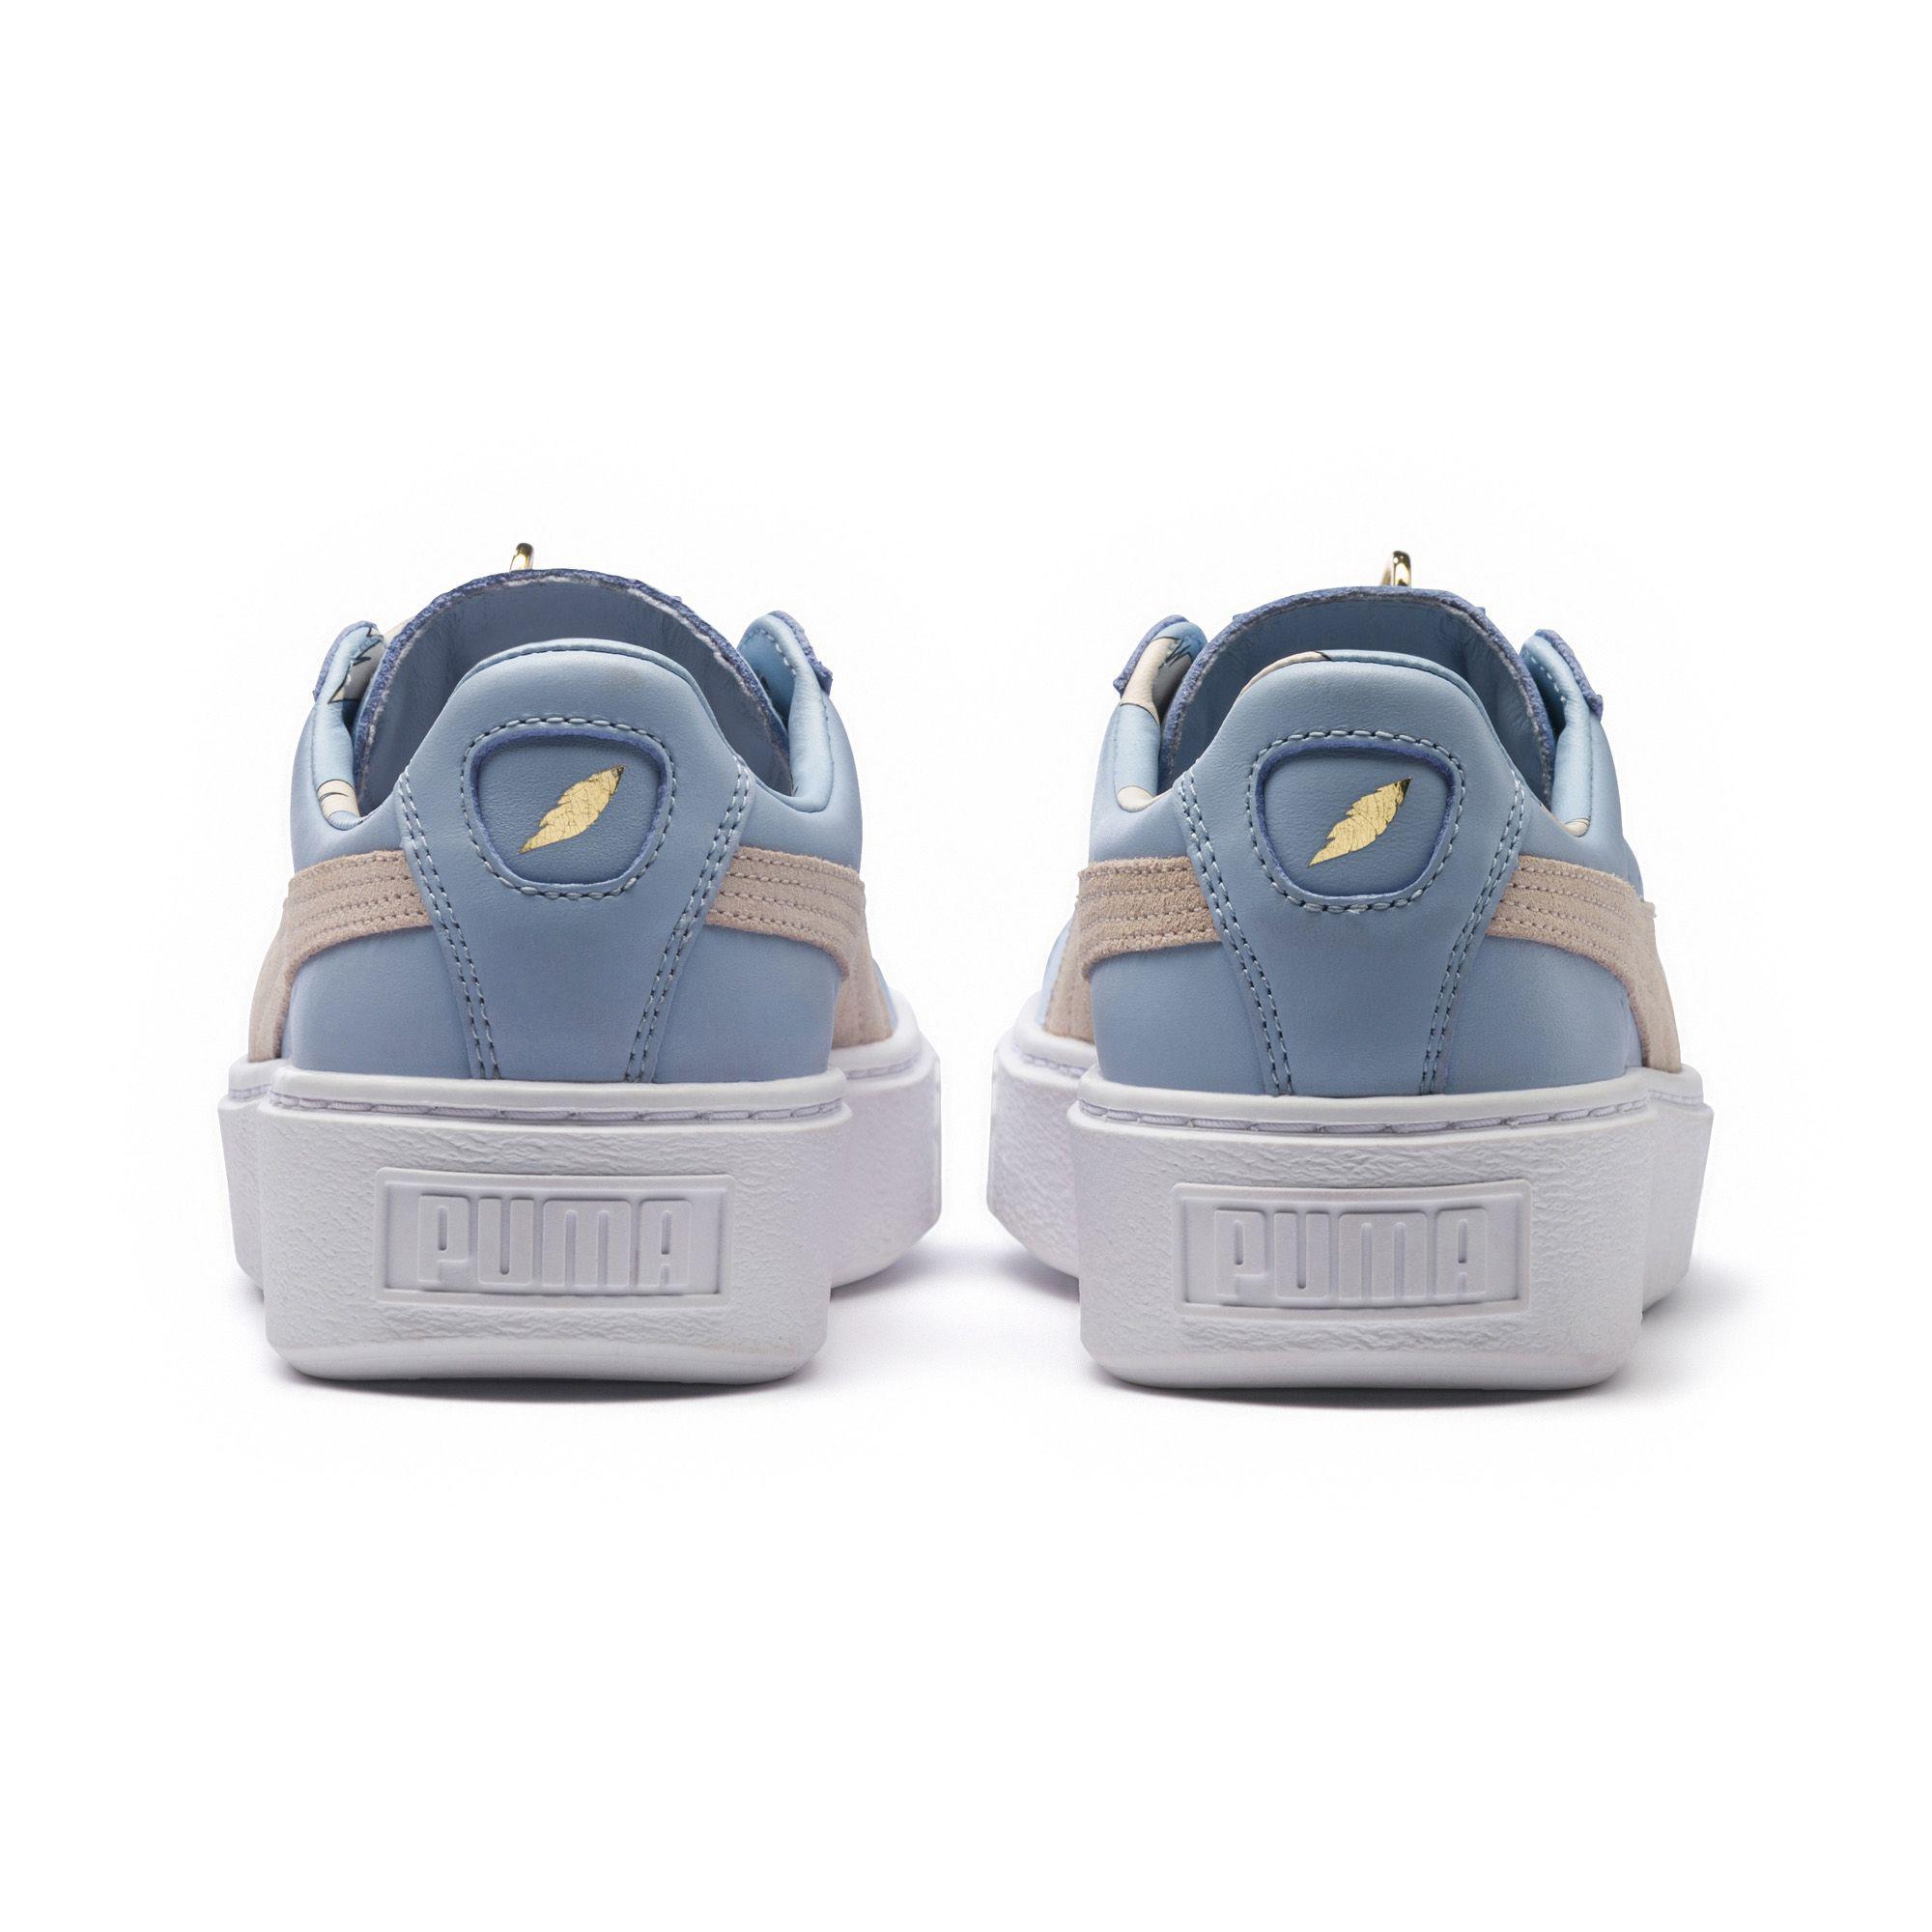 d68685dec8 Lyst - PUMA Basket Platform Festival Women s Sneakers in Blue